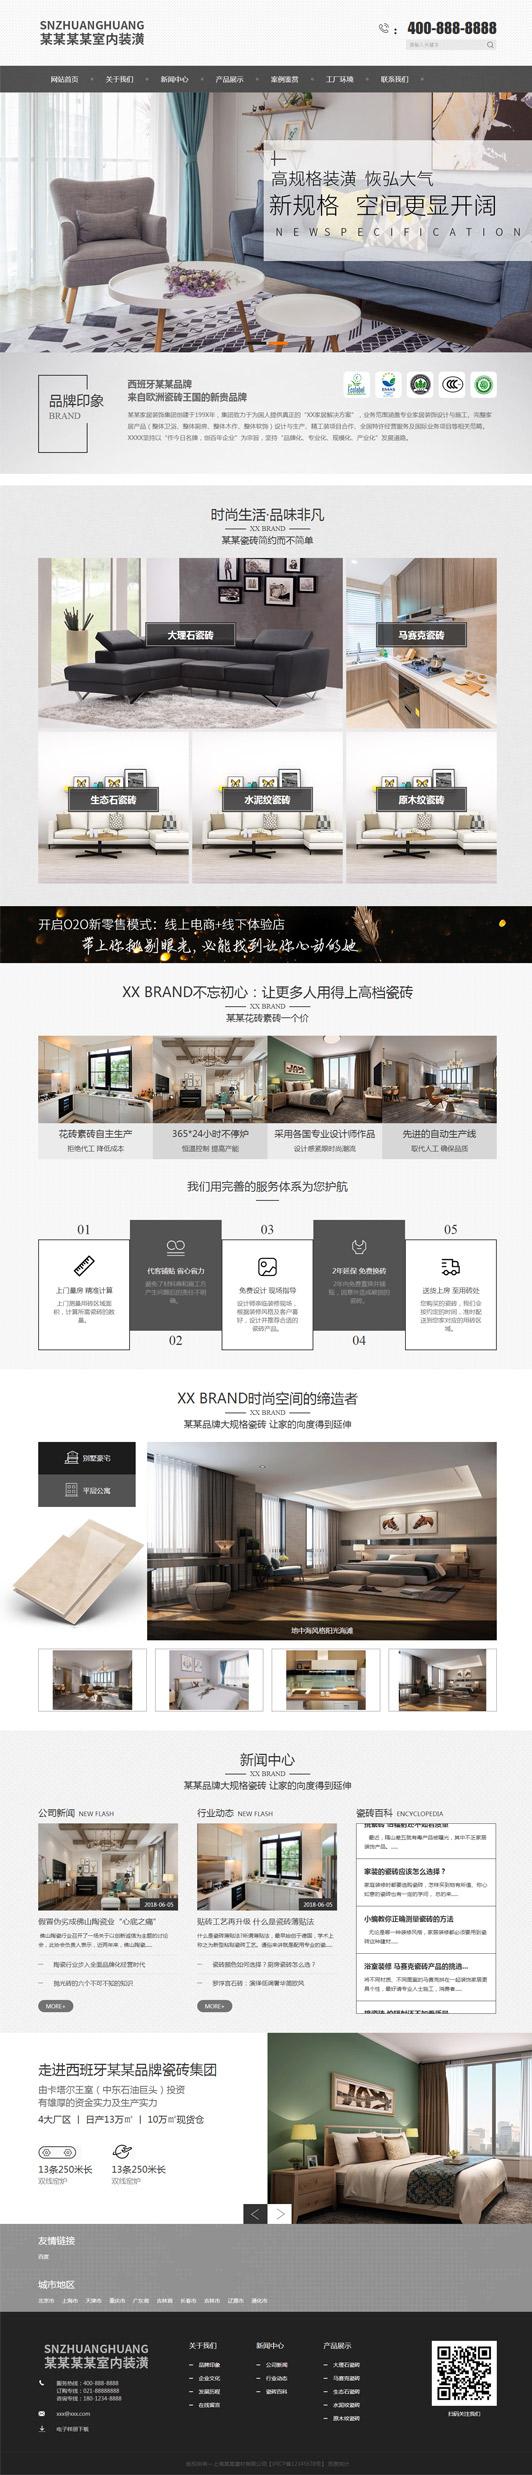 室内装潢公司网站营销式模板